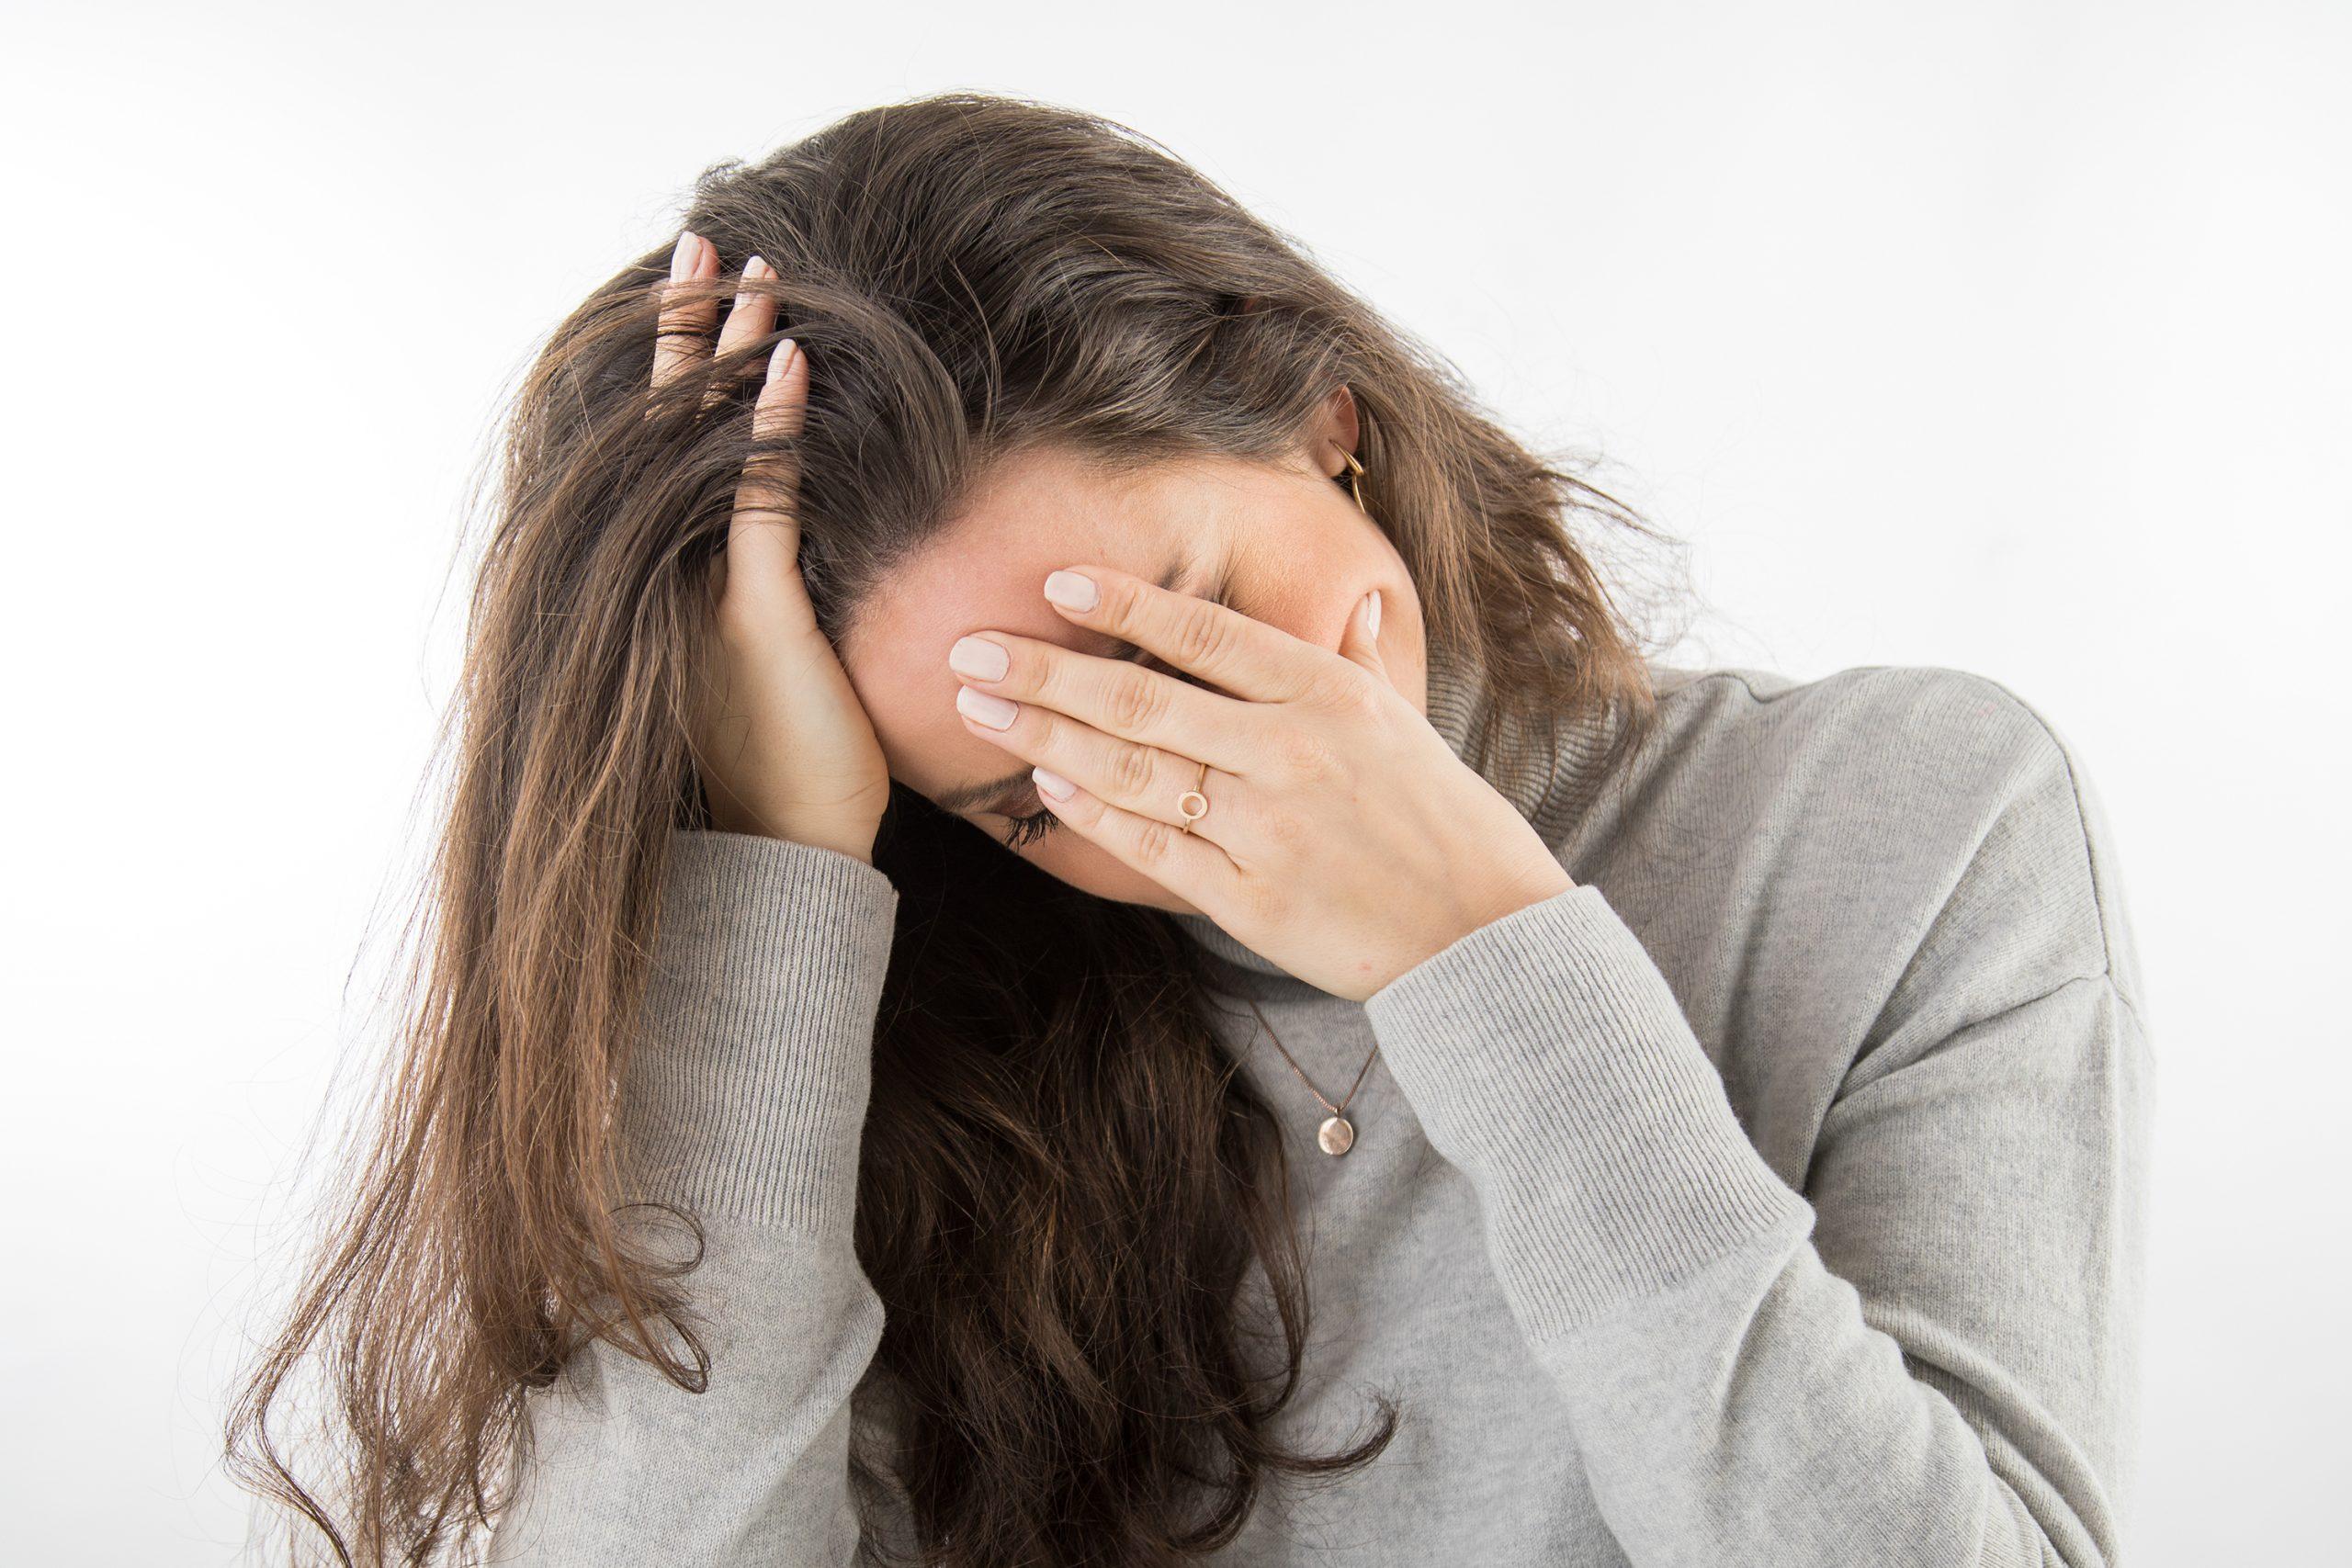 Nervios o estrés: qué hay detrás de los ataques de dolor en la cara